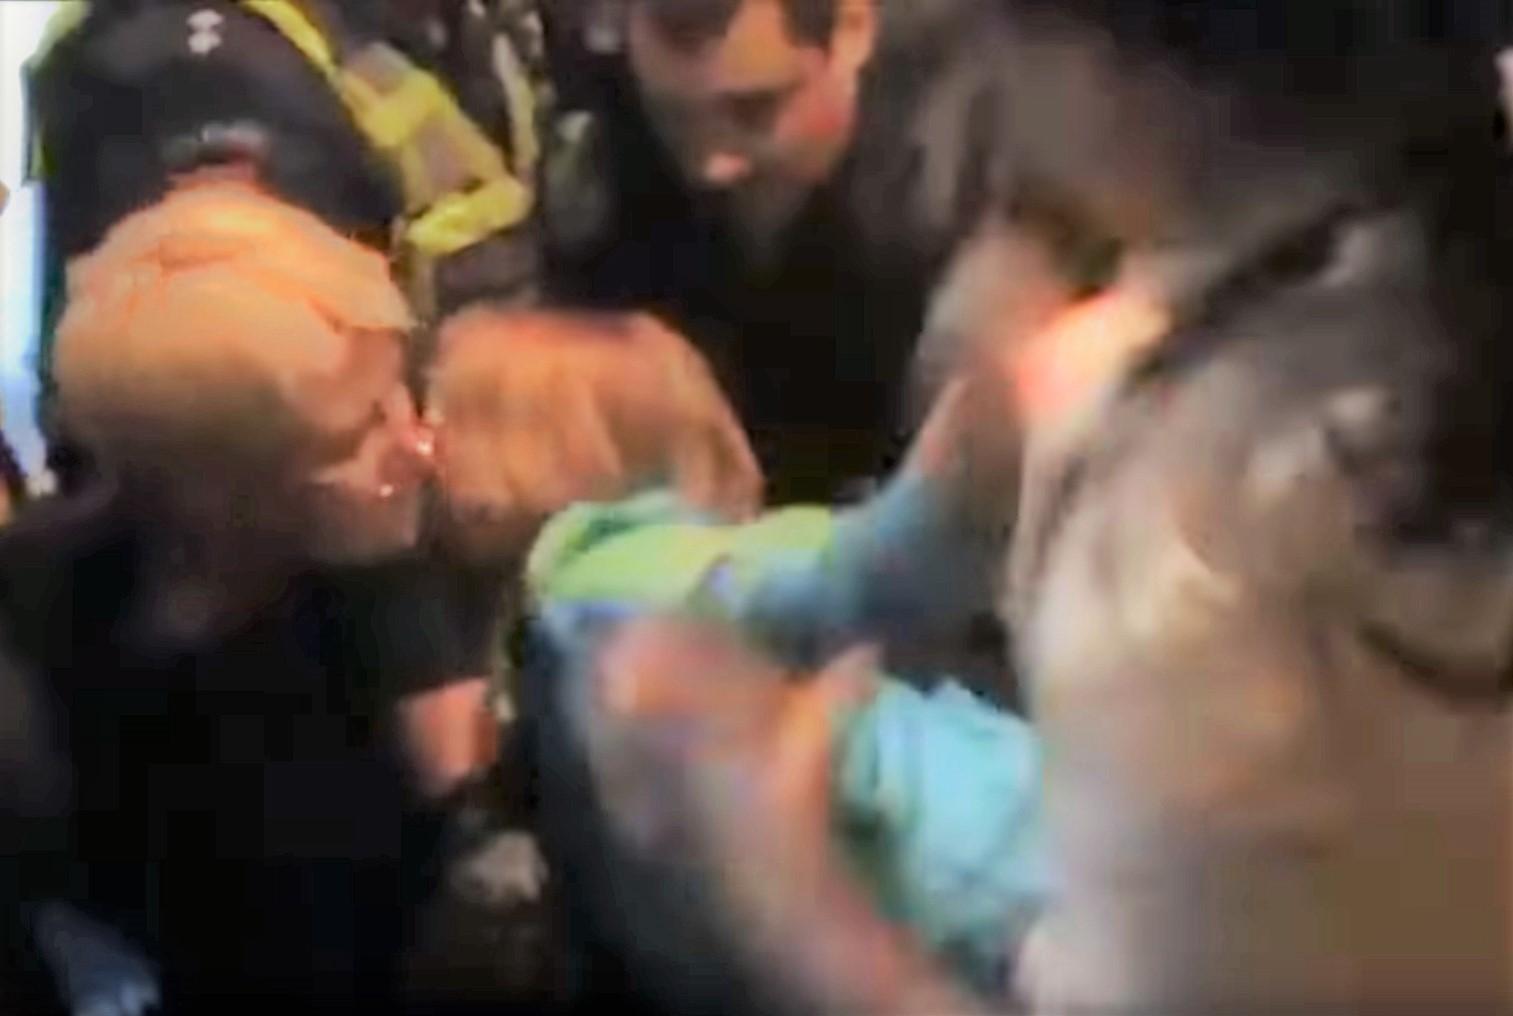 Tik itin skausmingai mergaitei užlaužus ranką pavyksta nugalėti jos pasipriešinimą | Alkas.lt ekrano nuotr.